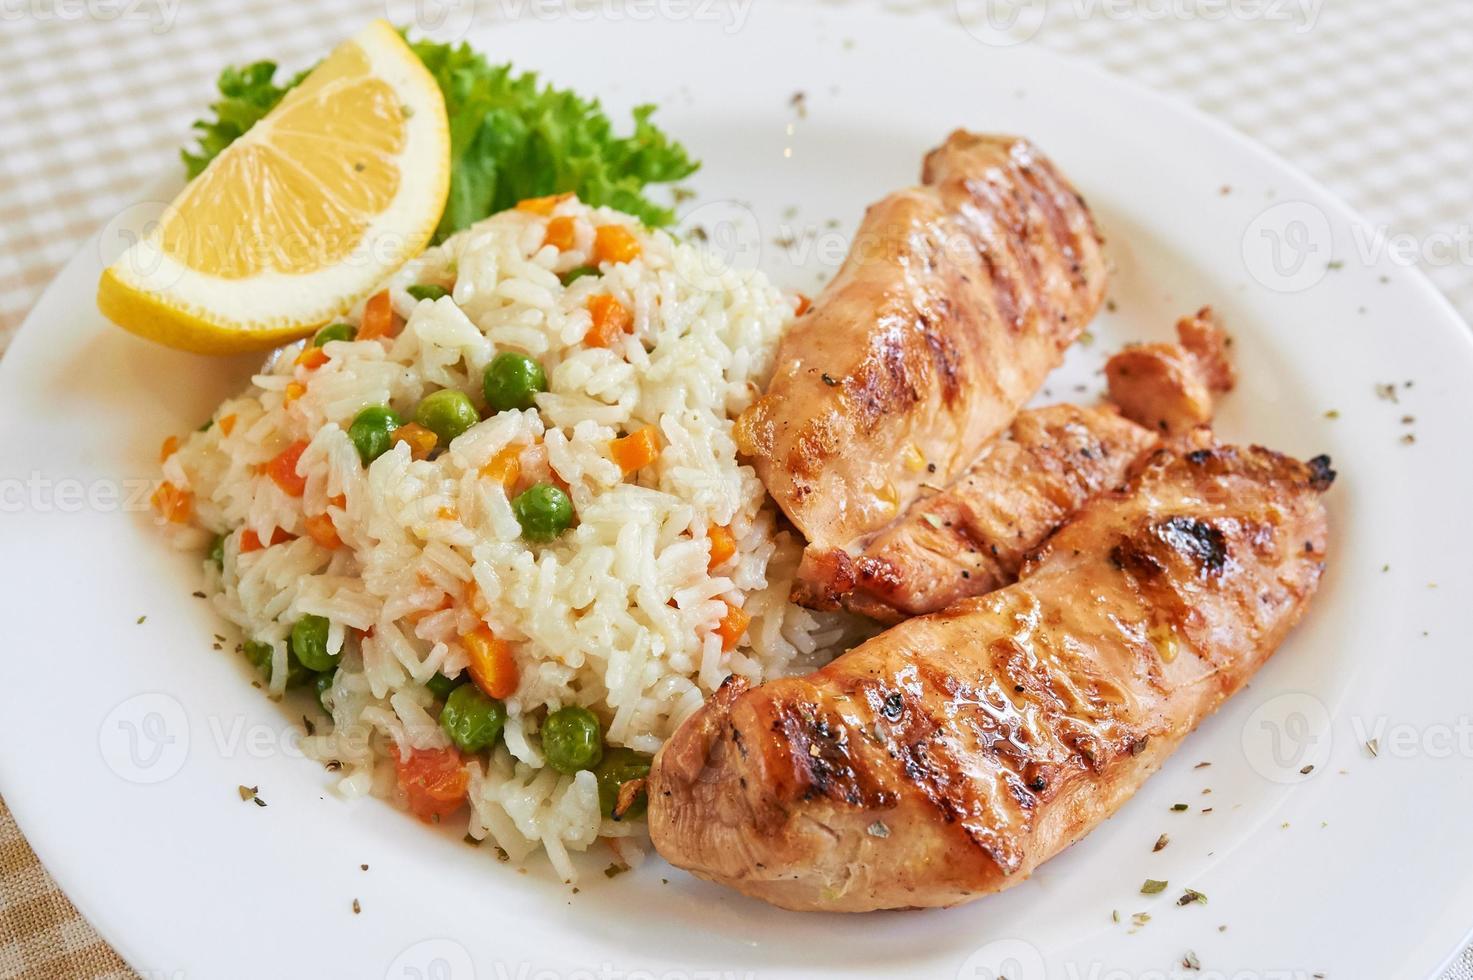 kipfilet met witte rijst foto